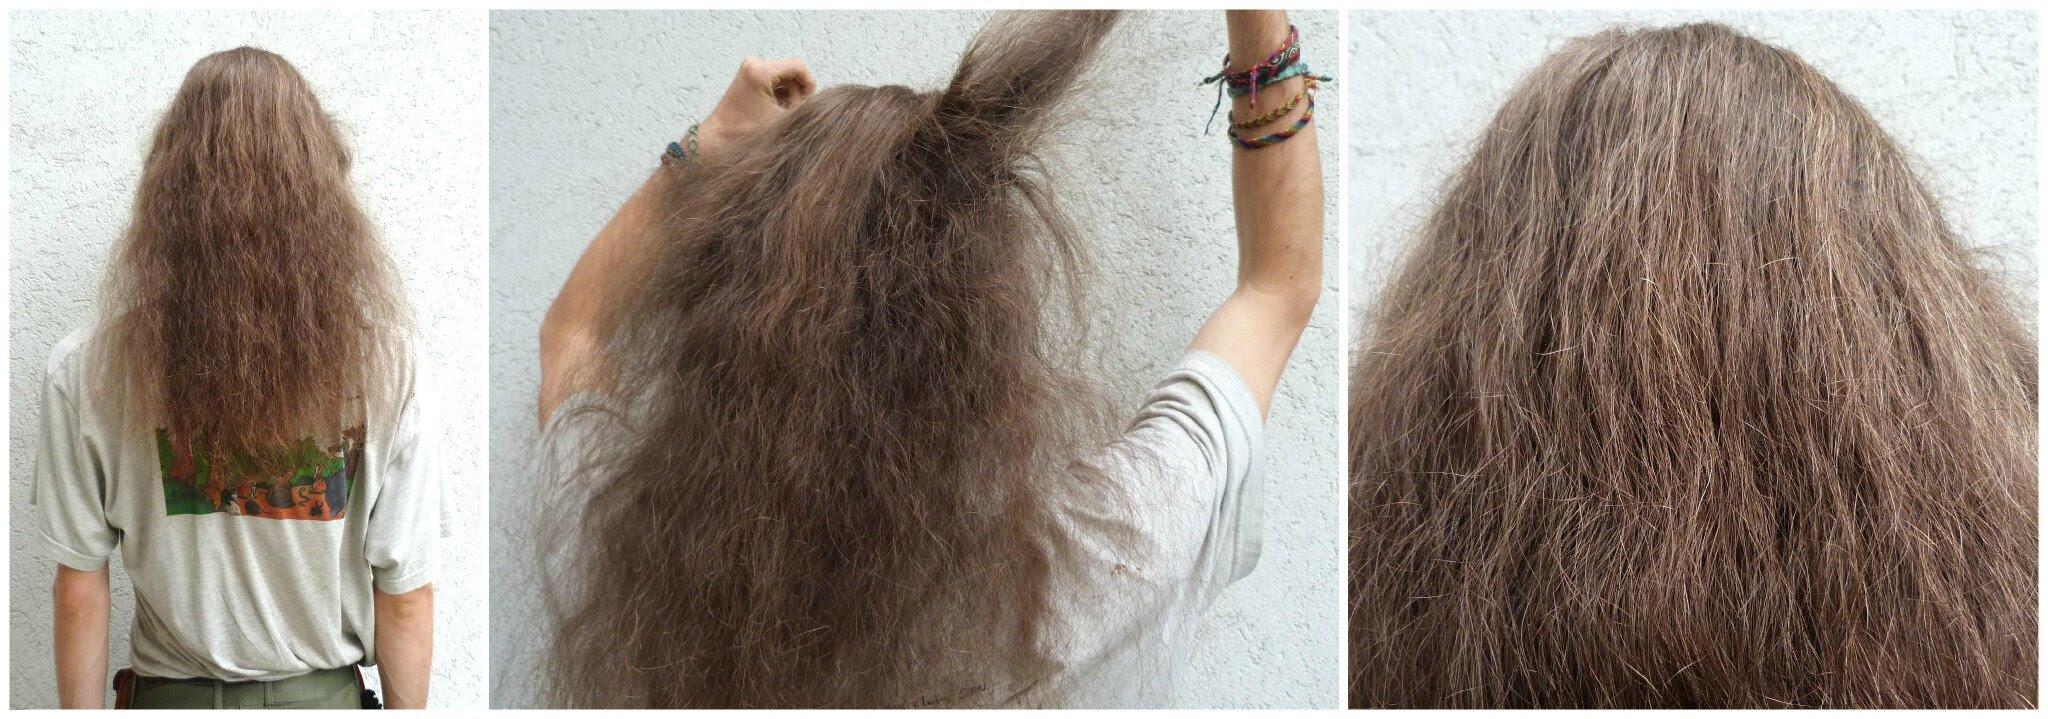 coupe de cheveux jeune garcon